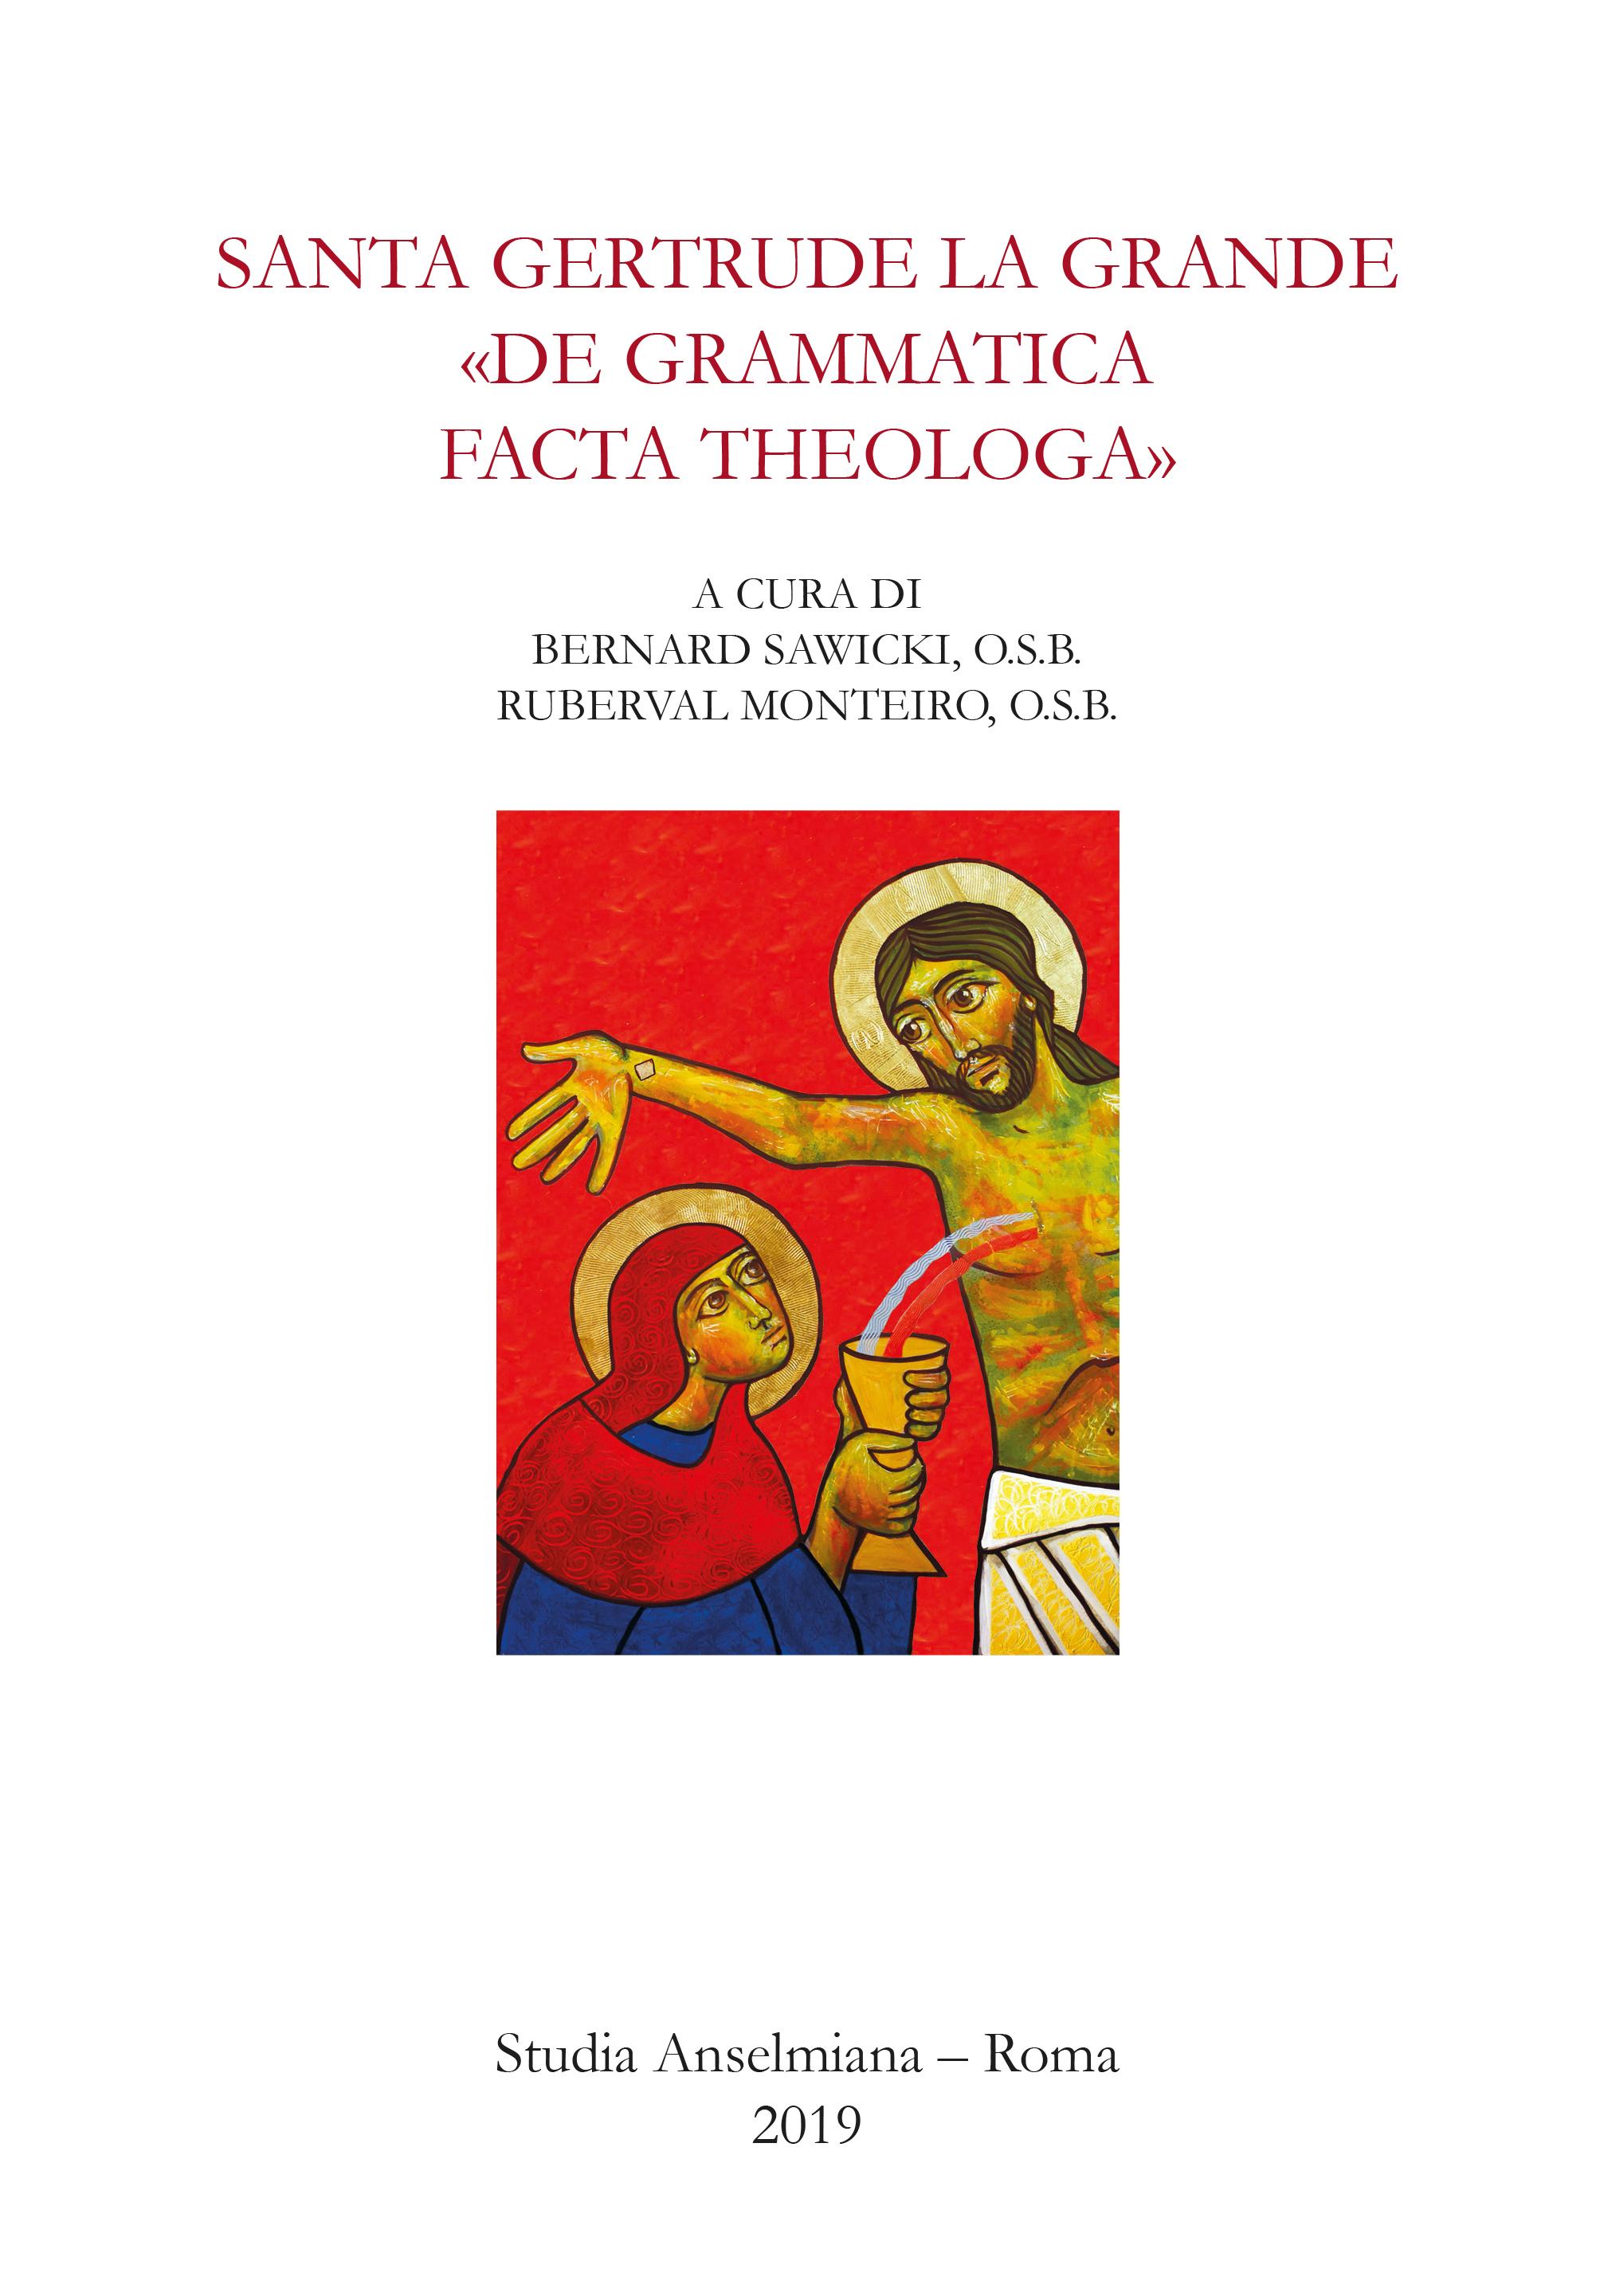 Santa Gertrude la Grande «de grammatica facta theologa»